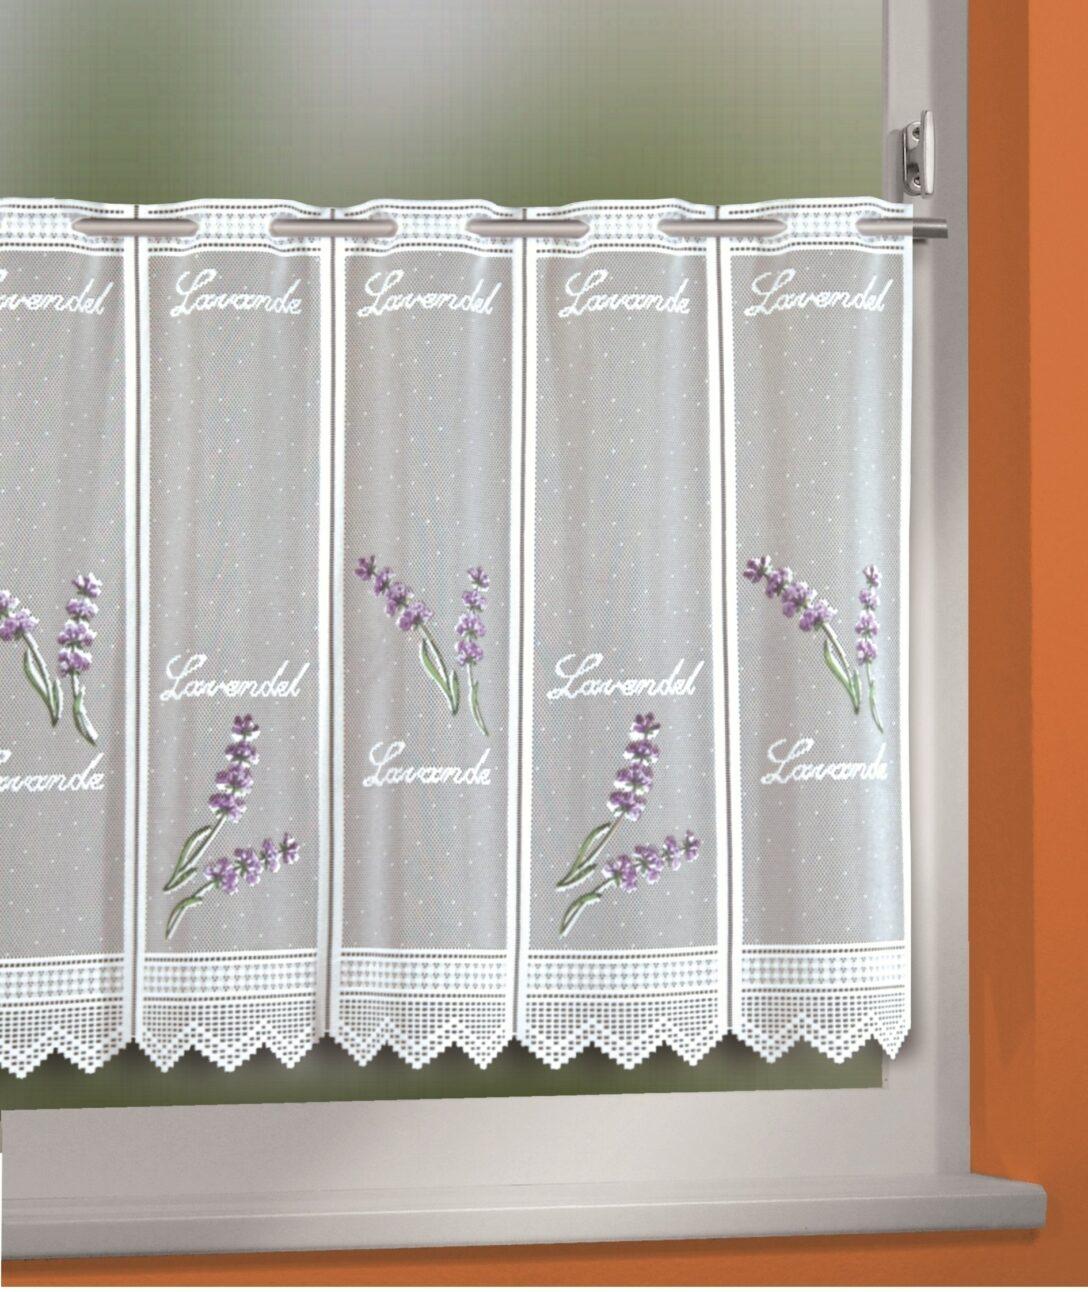 Large Size of Küchengardinen Kchengardine Lavendel Wei Violett 150 45 Cm Sb Lagerkauf Wohnzimmer Küchengardinen